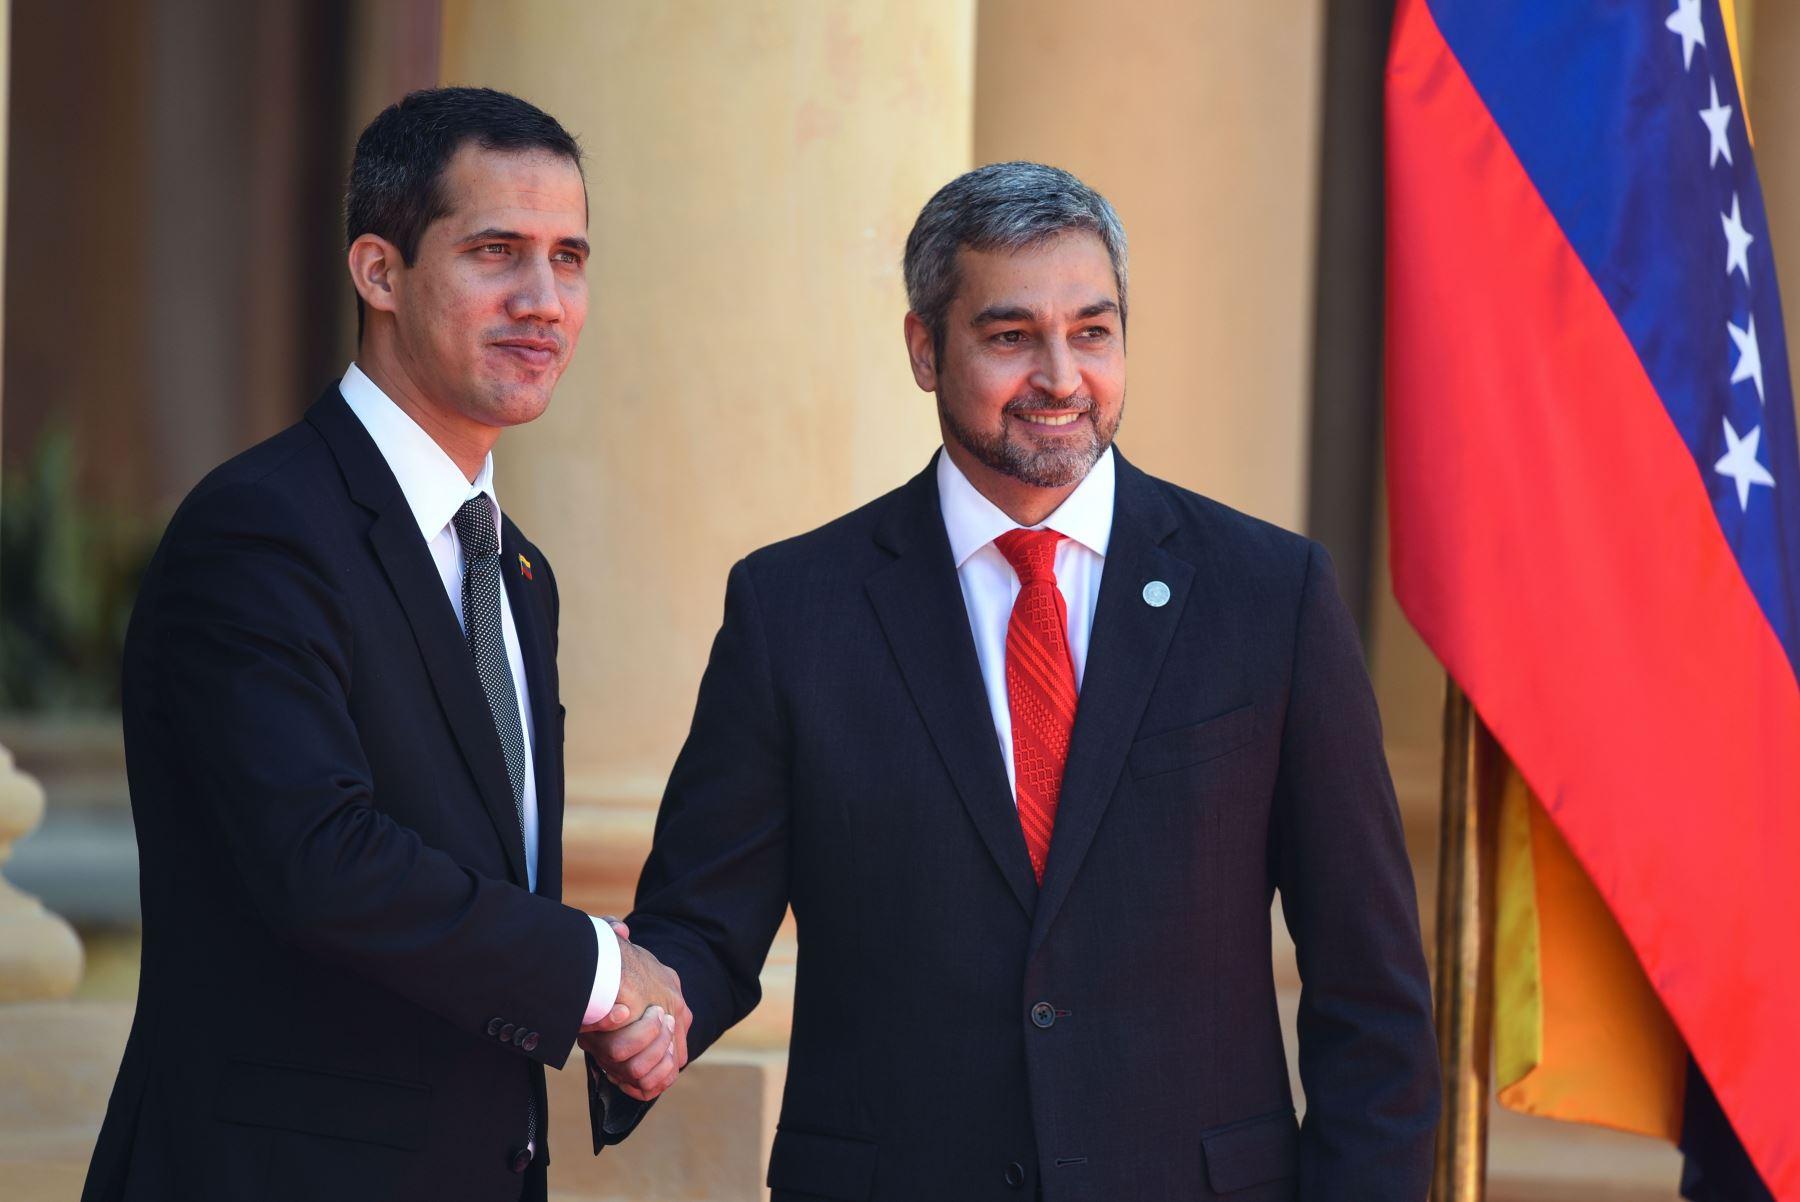 El presidente de Paraguay, Mario Abdo Benítez, le da la bienvenida al líder opositor venezolano y autodeclarado presidente Juan Guaido en el palacio presidencial en Asunción, el 1 de marzo de 2019. Foto: AFP